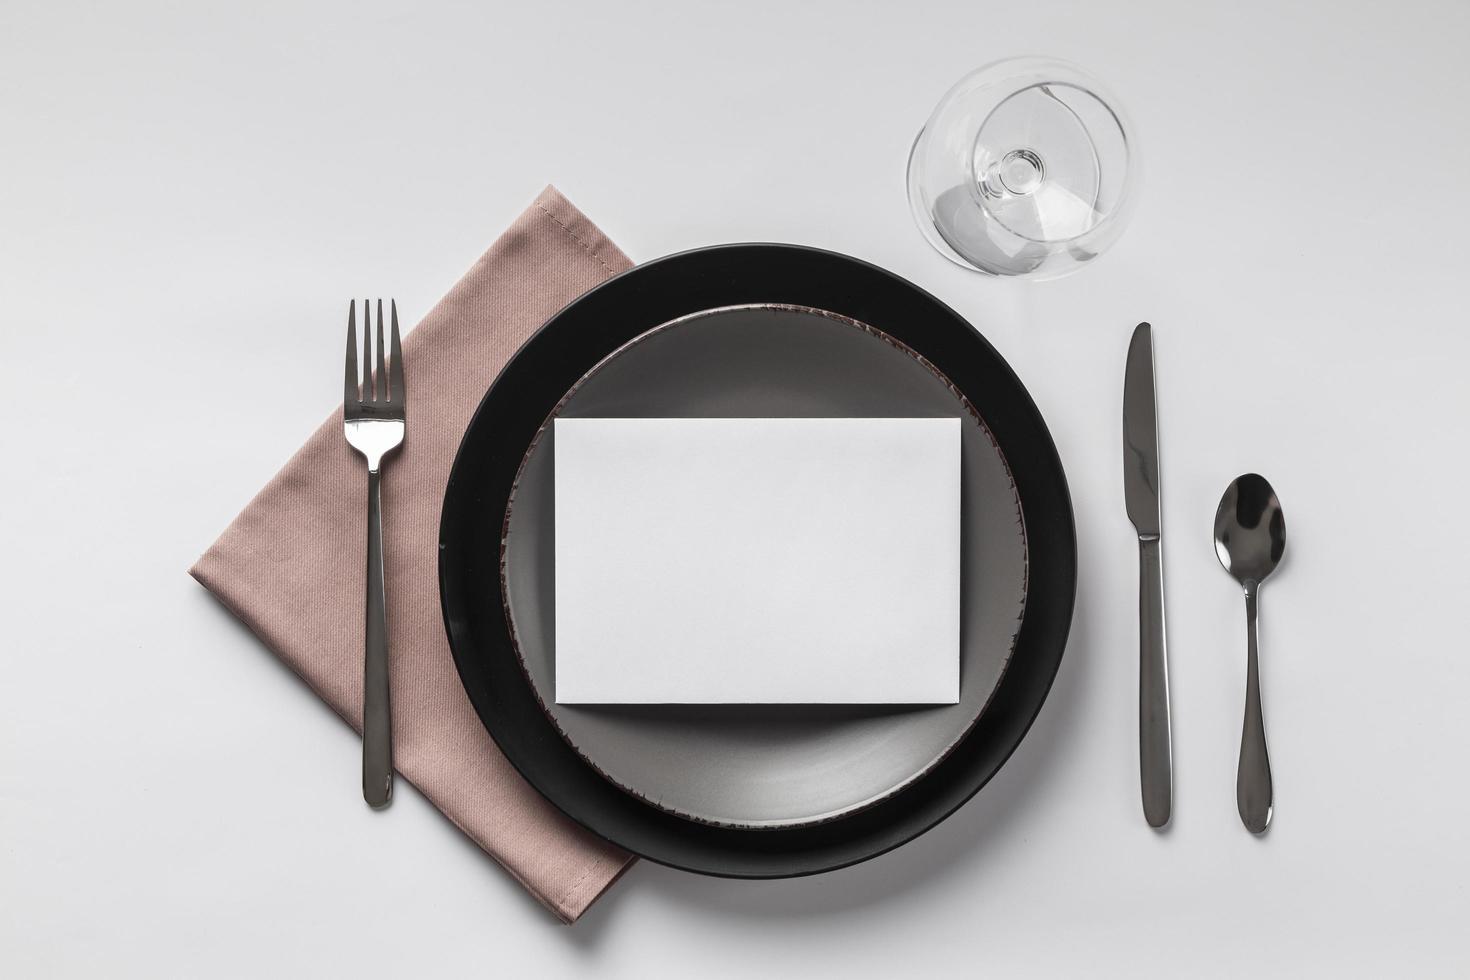 Tabelleneinstellung mit leerer Tischkarte foto